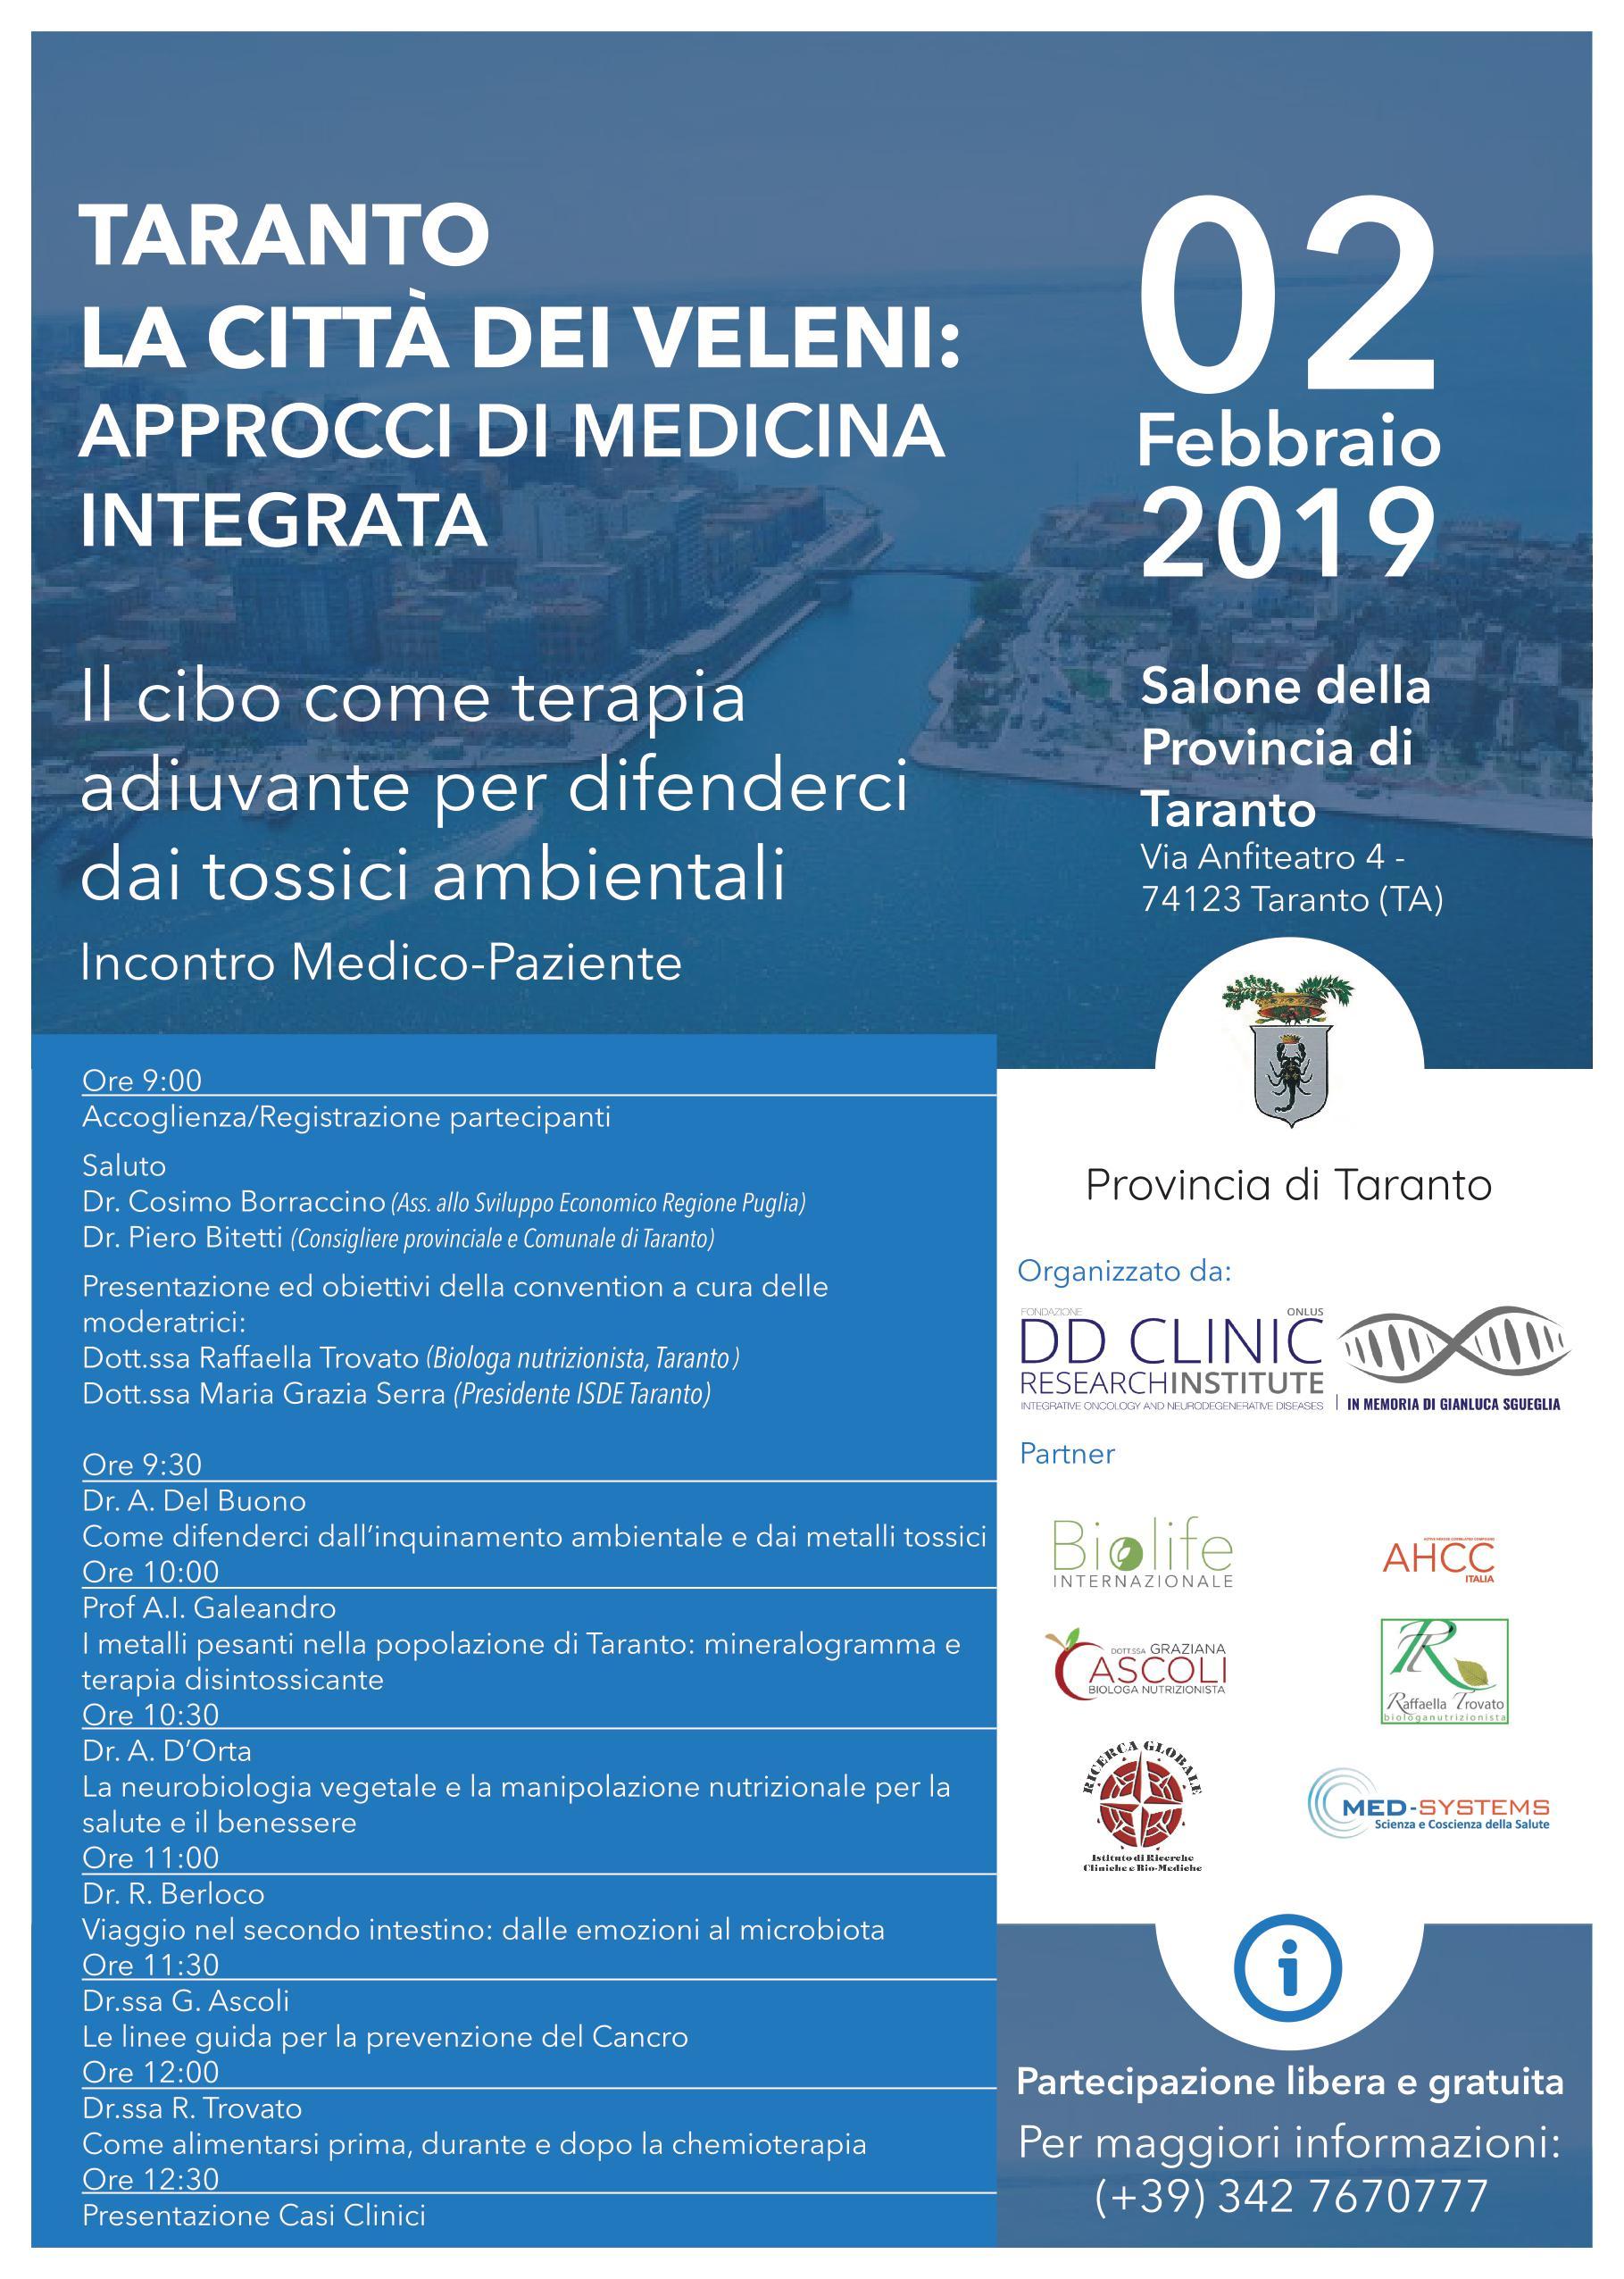 Convegno: Taranto la Città dei veleni: approcci di medicina integrata